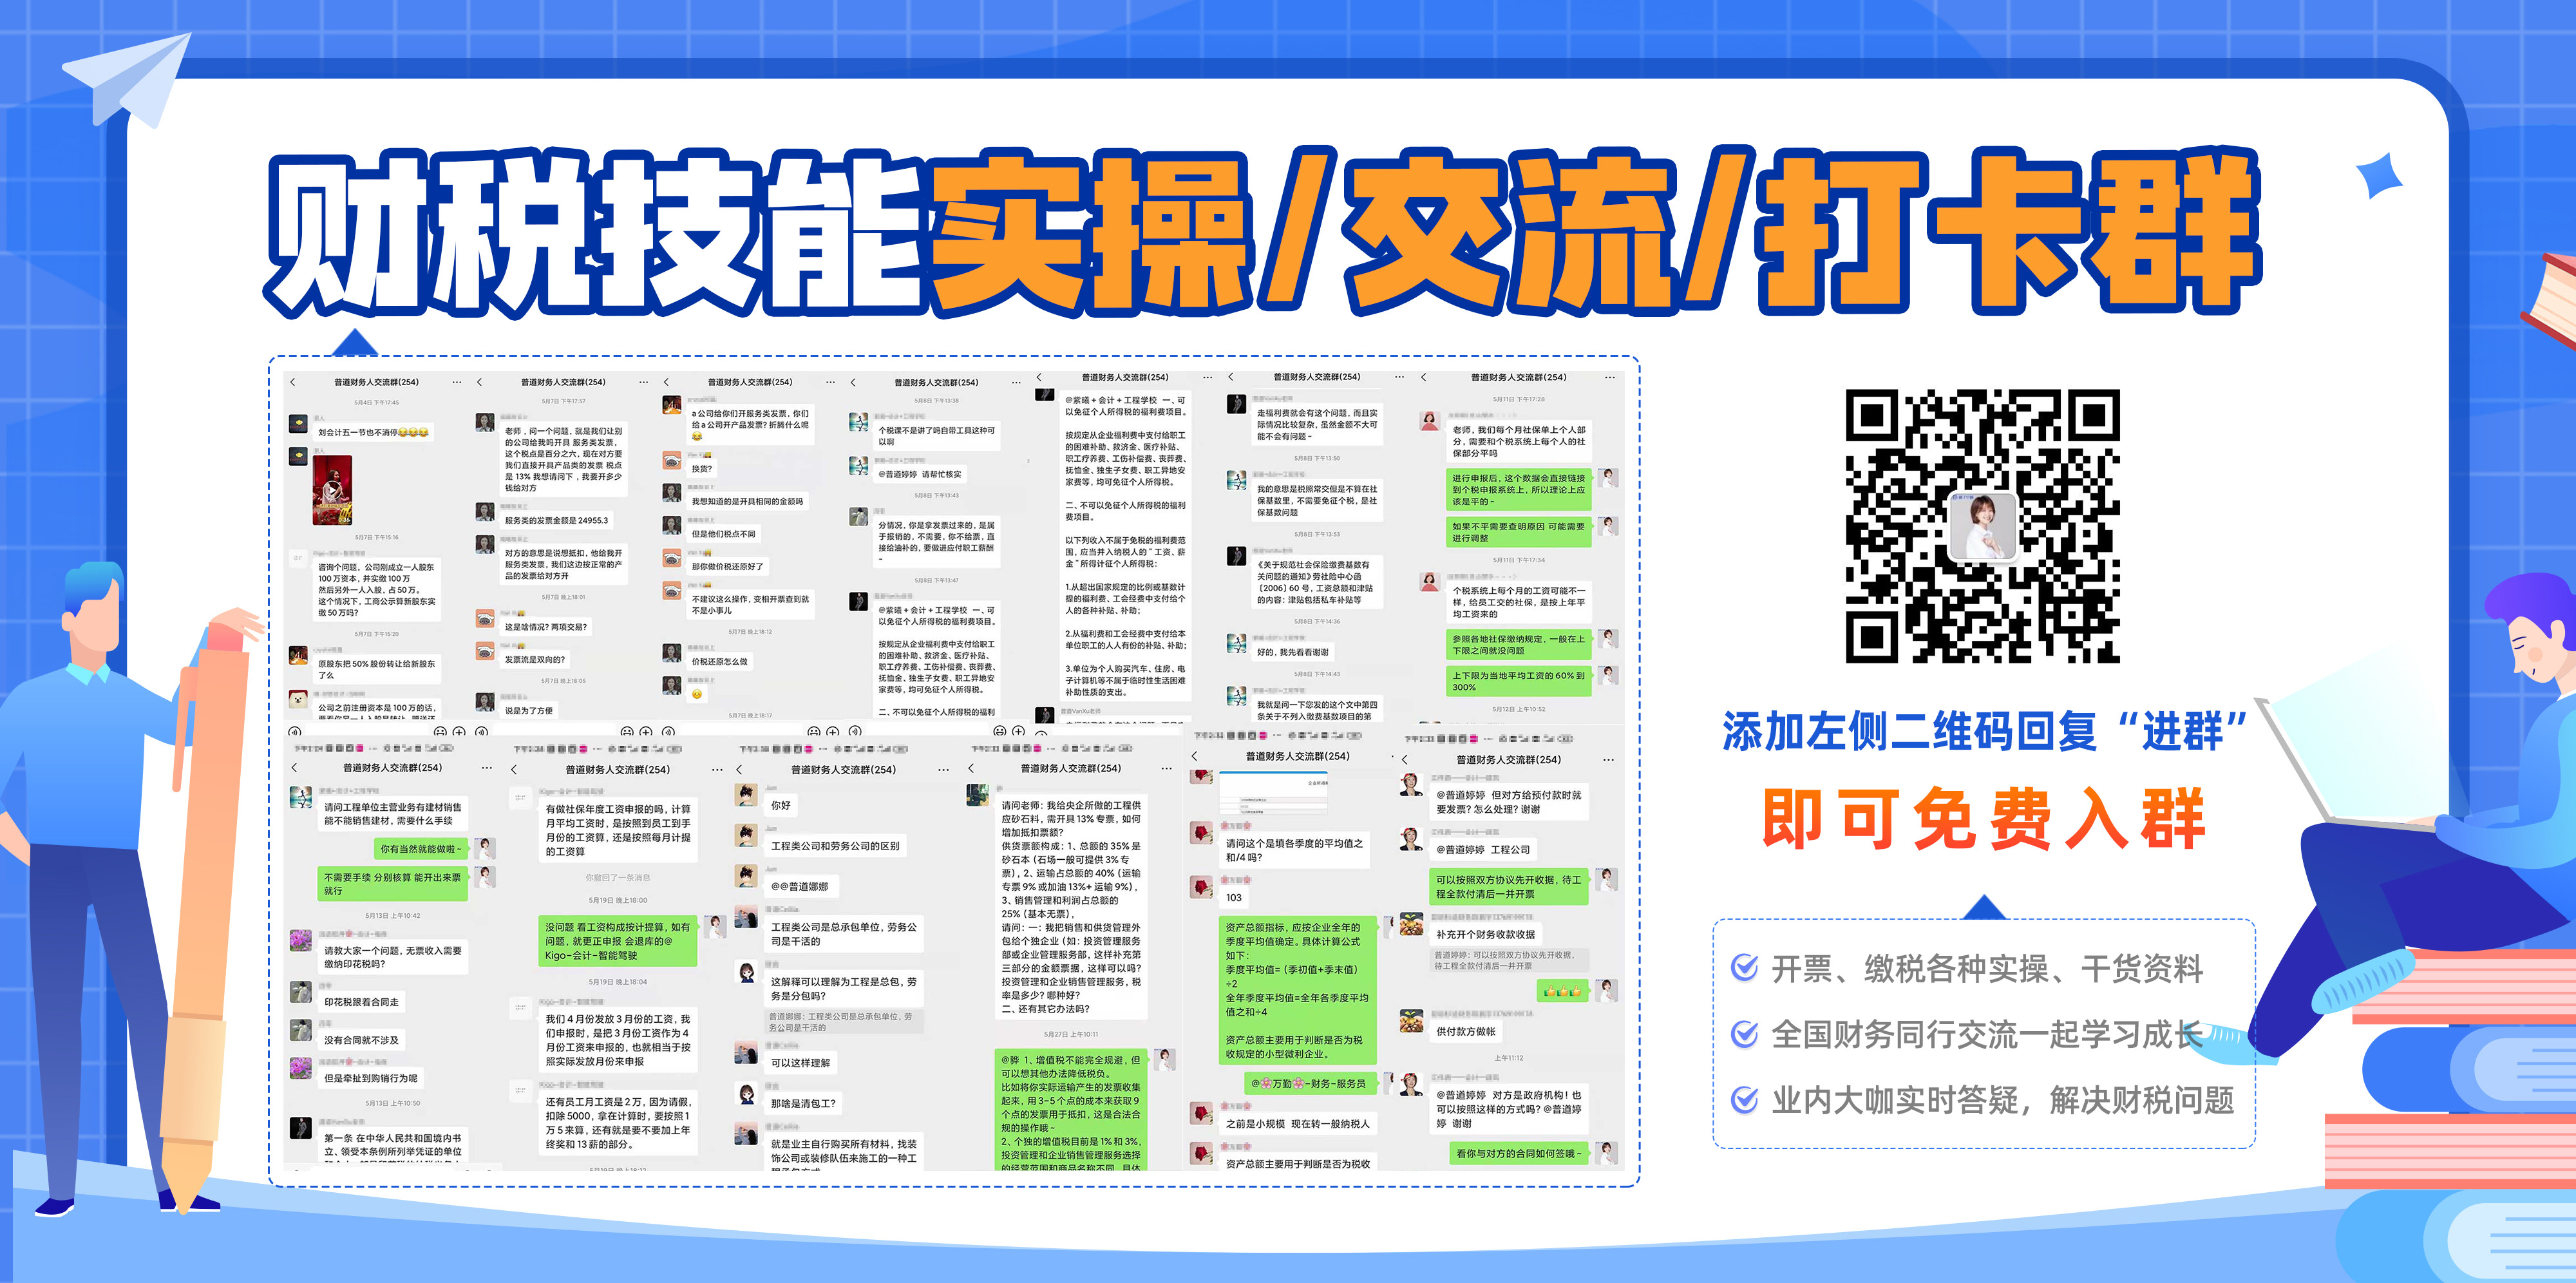 财税技能/实操/交流打卡群